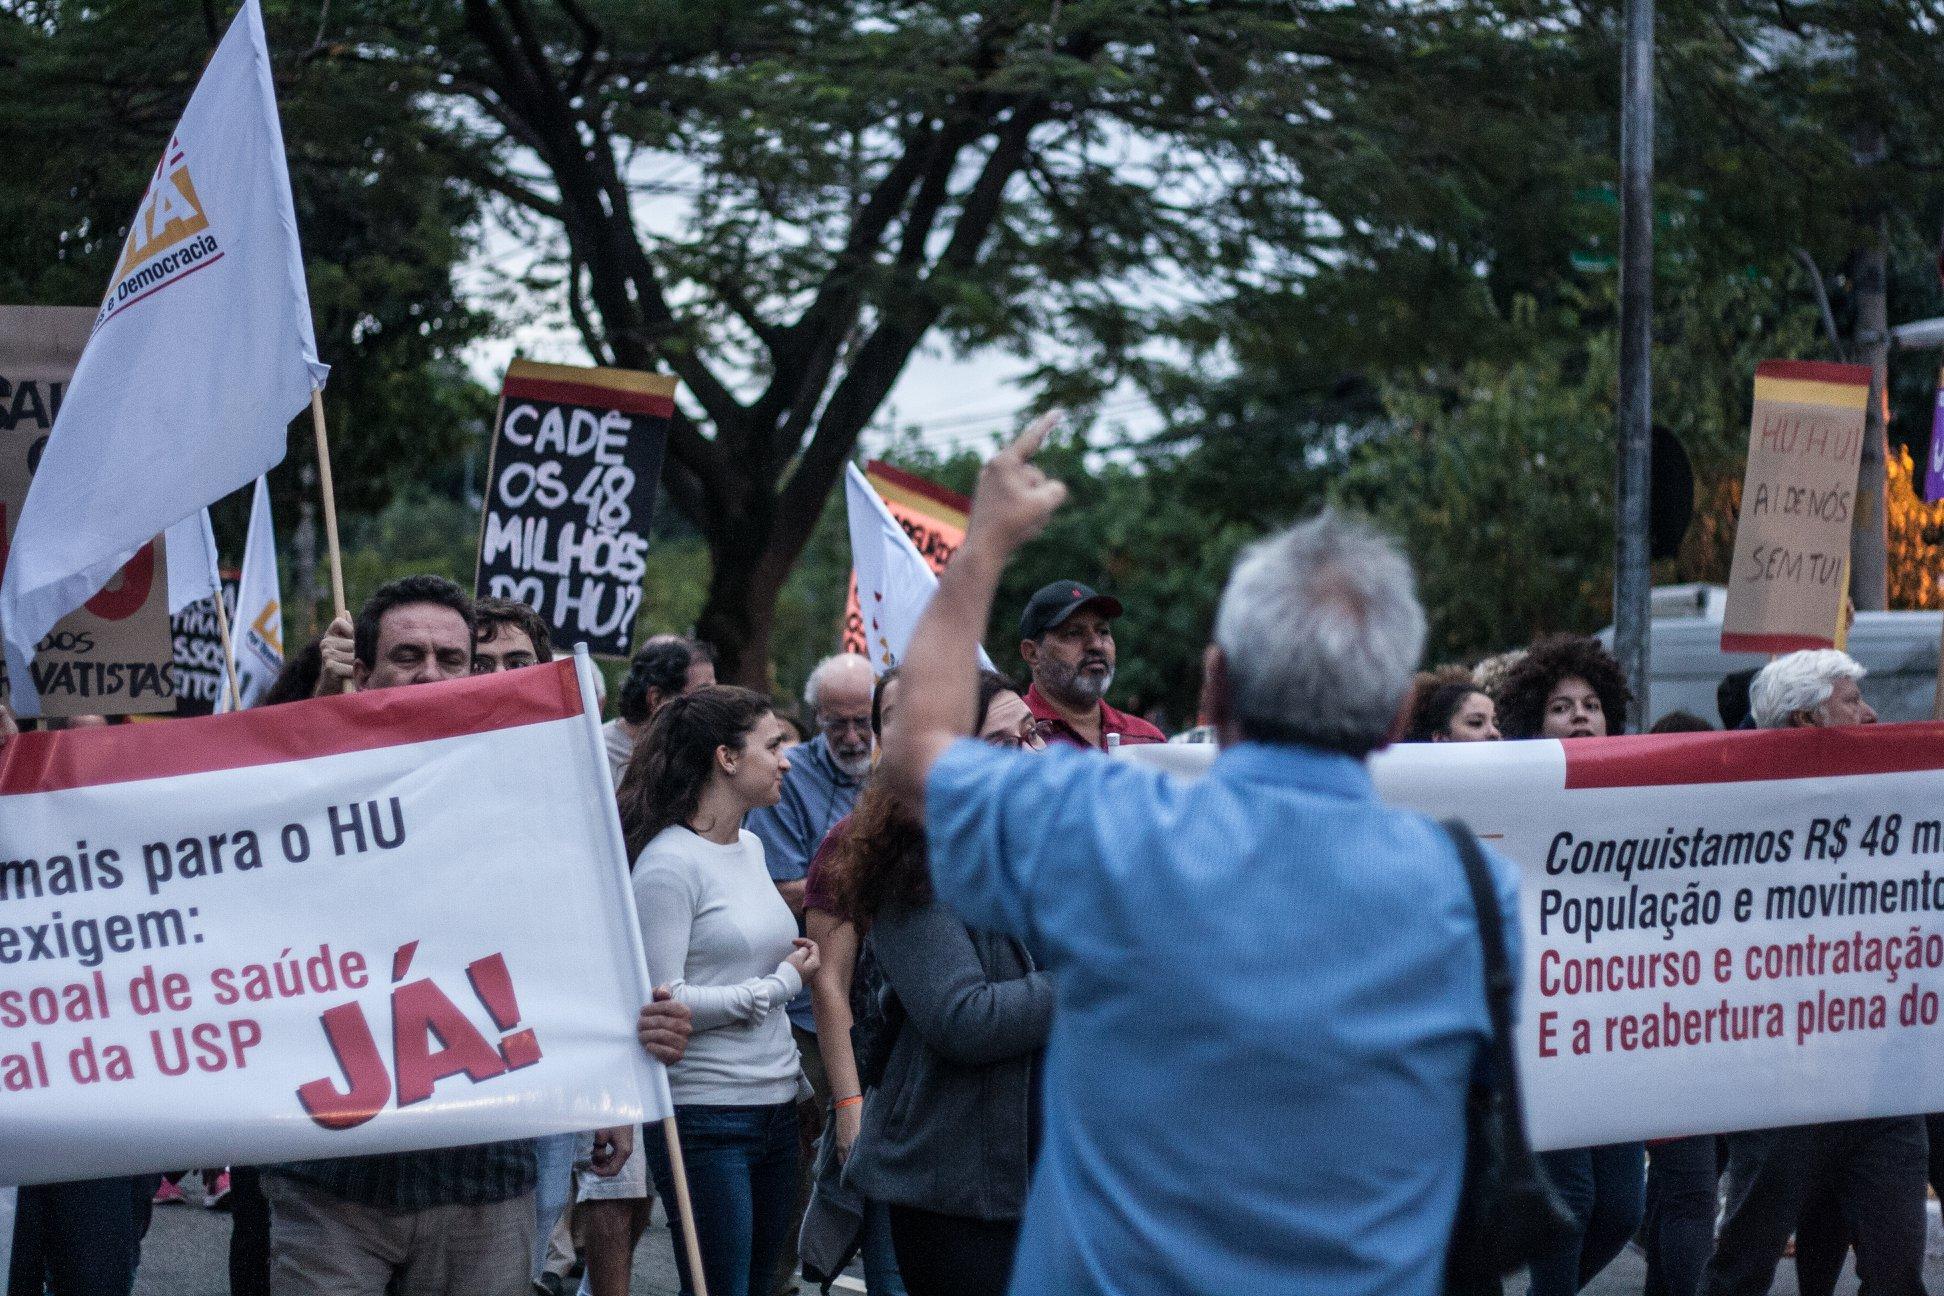 João Paulo Rillo: Alckmin, França, Zago, cadê os R$ 48 milhões do Hospital Universitário da USP?